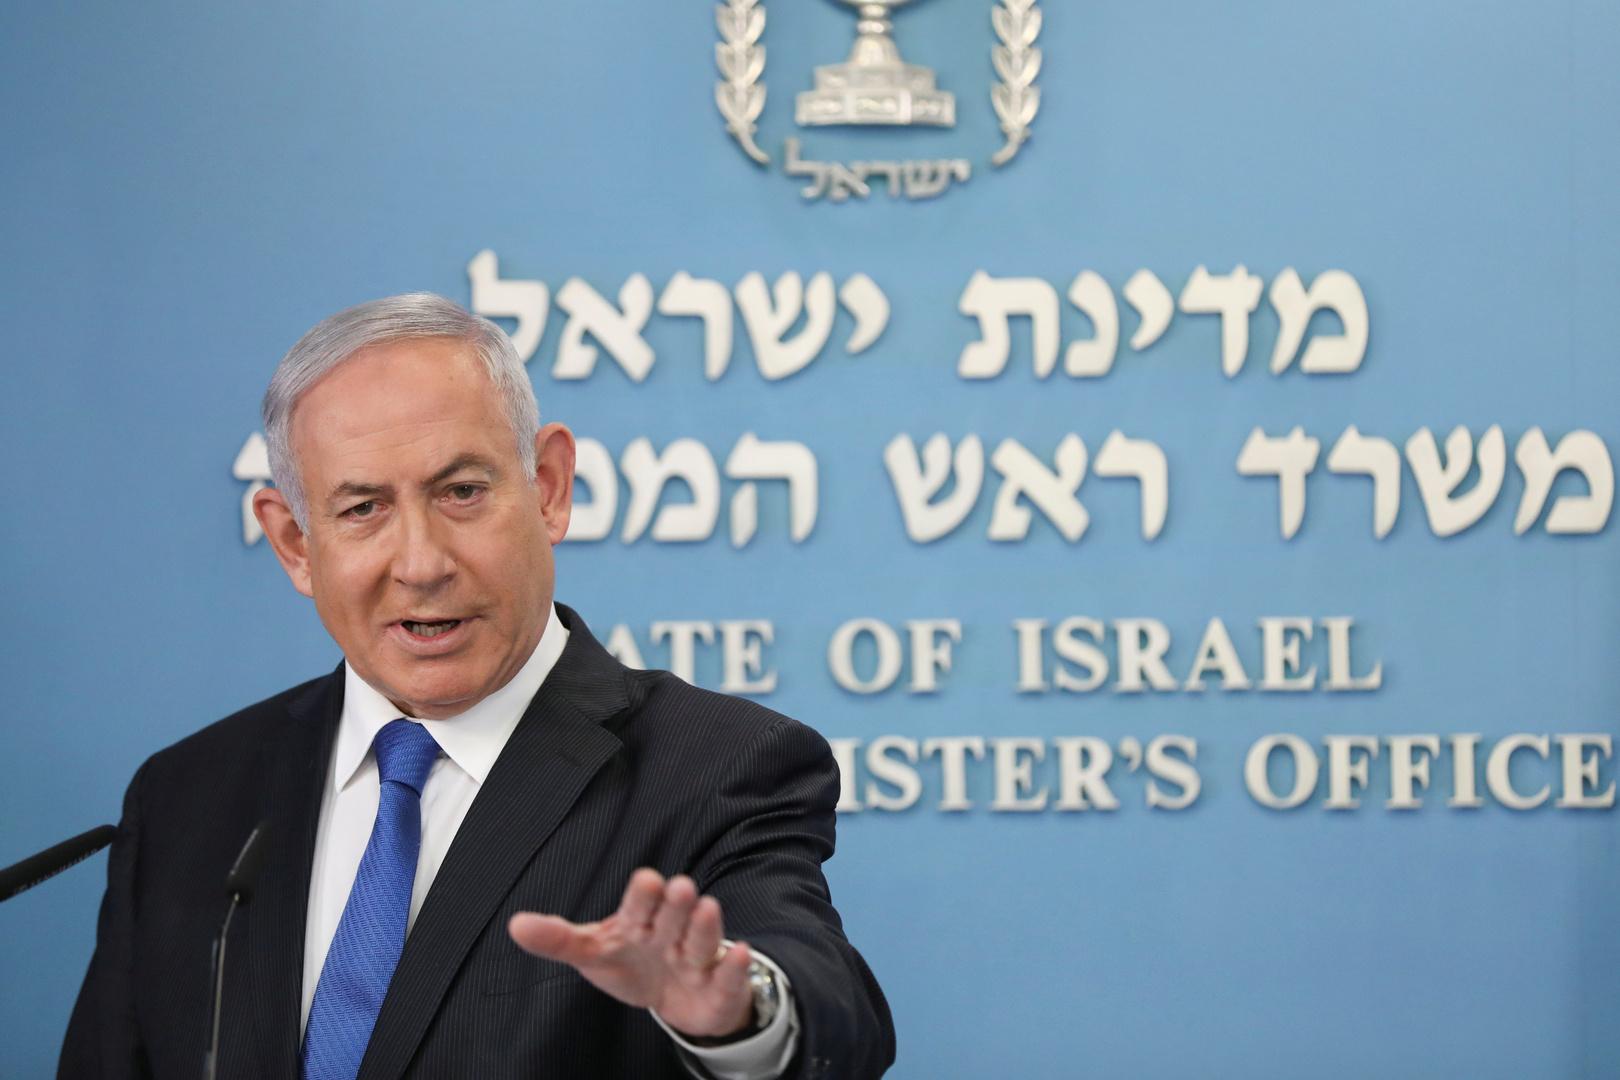 إسرائيل تصادق نهائيا على اتفاقية التطبيع مع البحرين